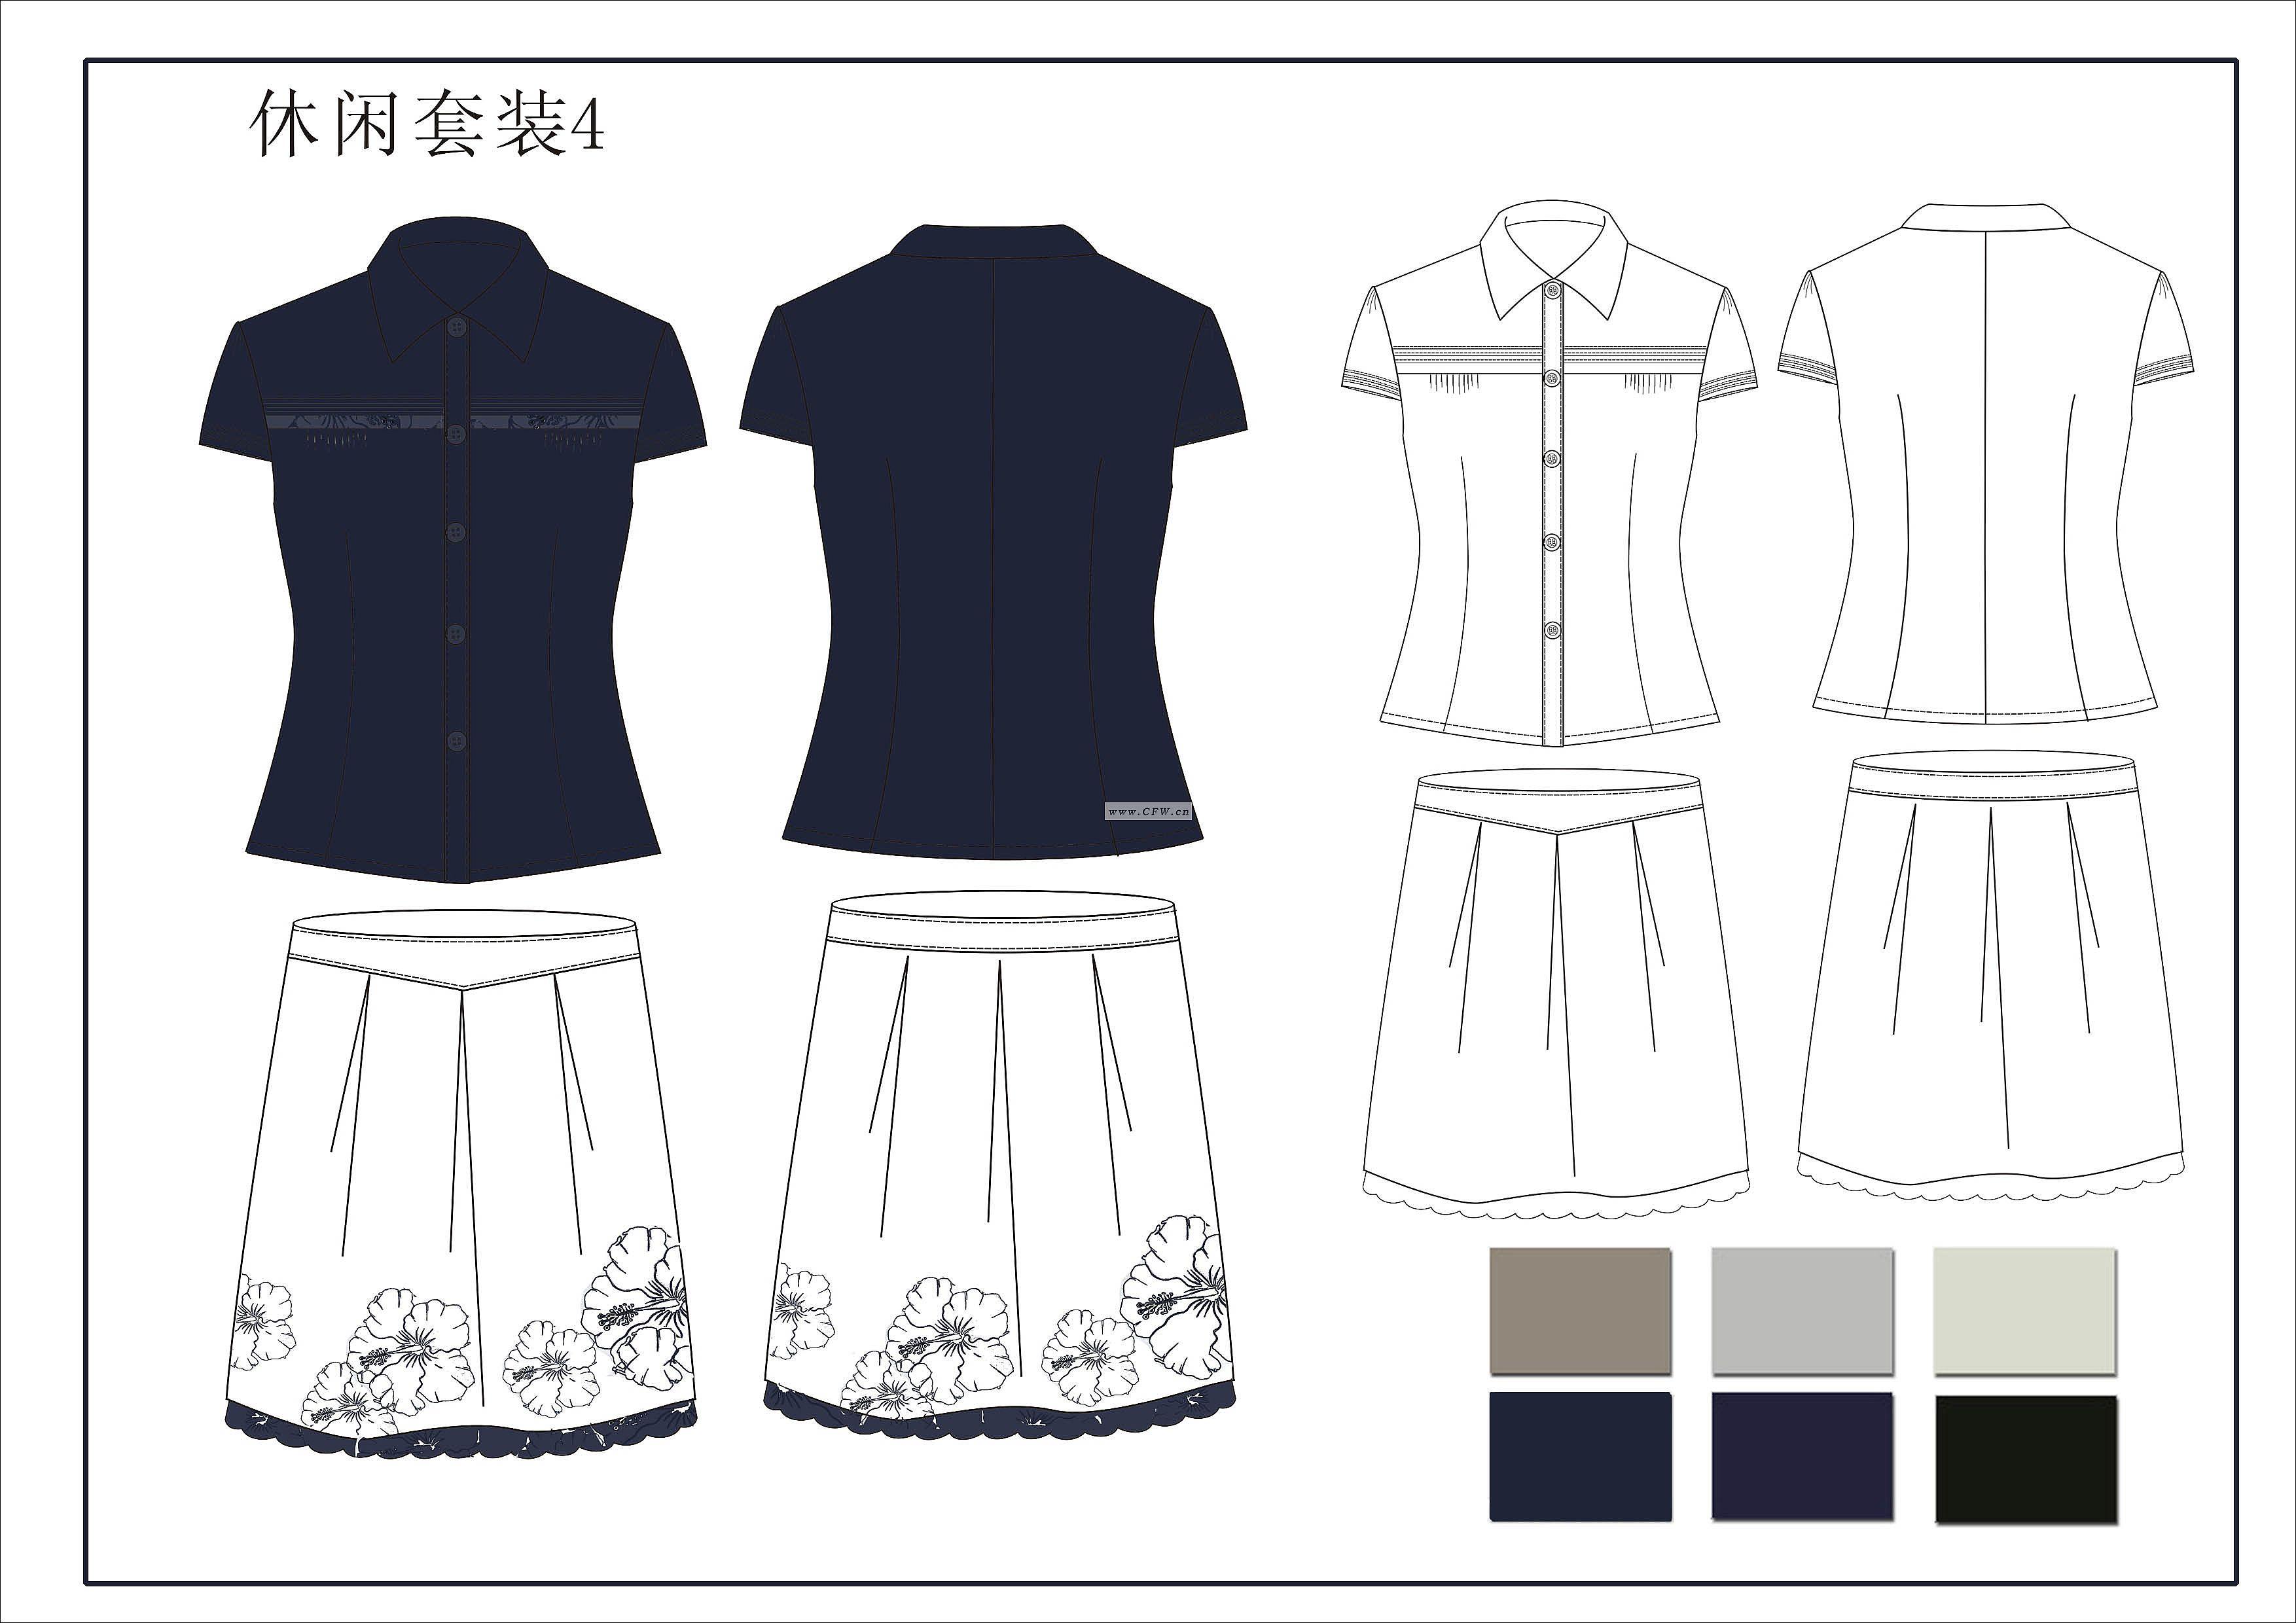 户外运动服装(校服设计图)